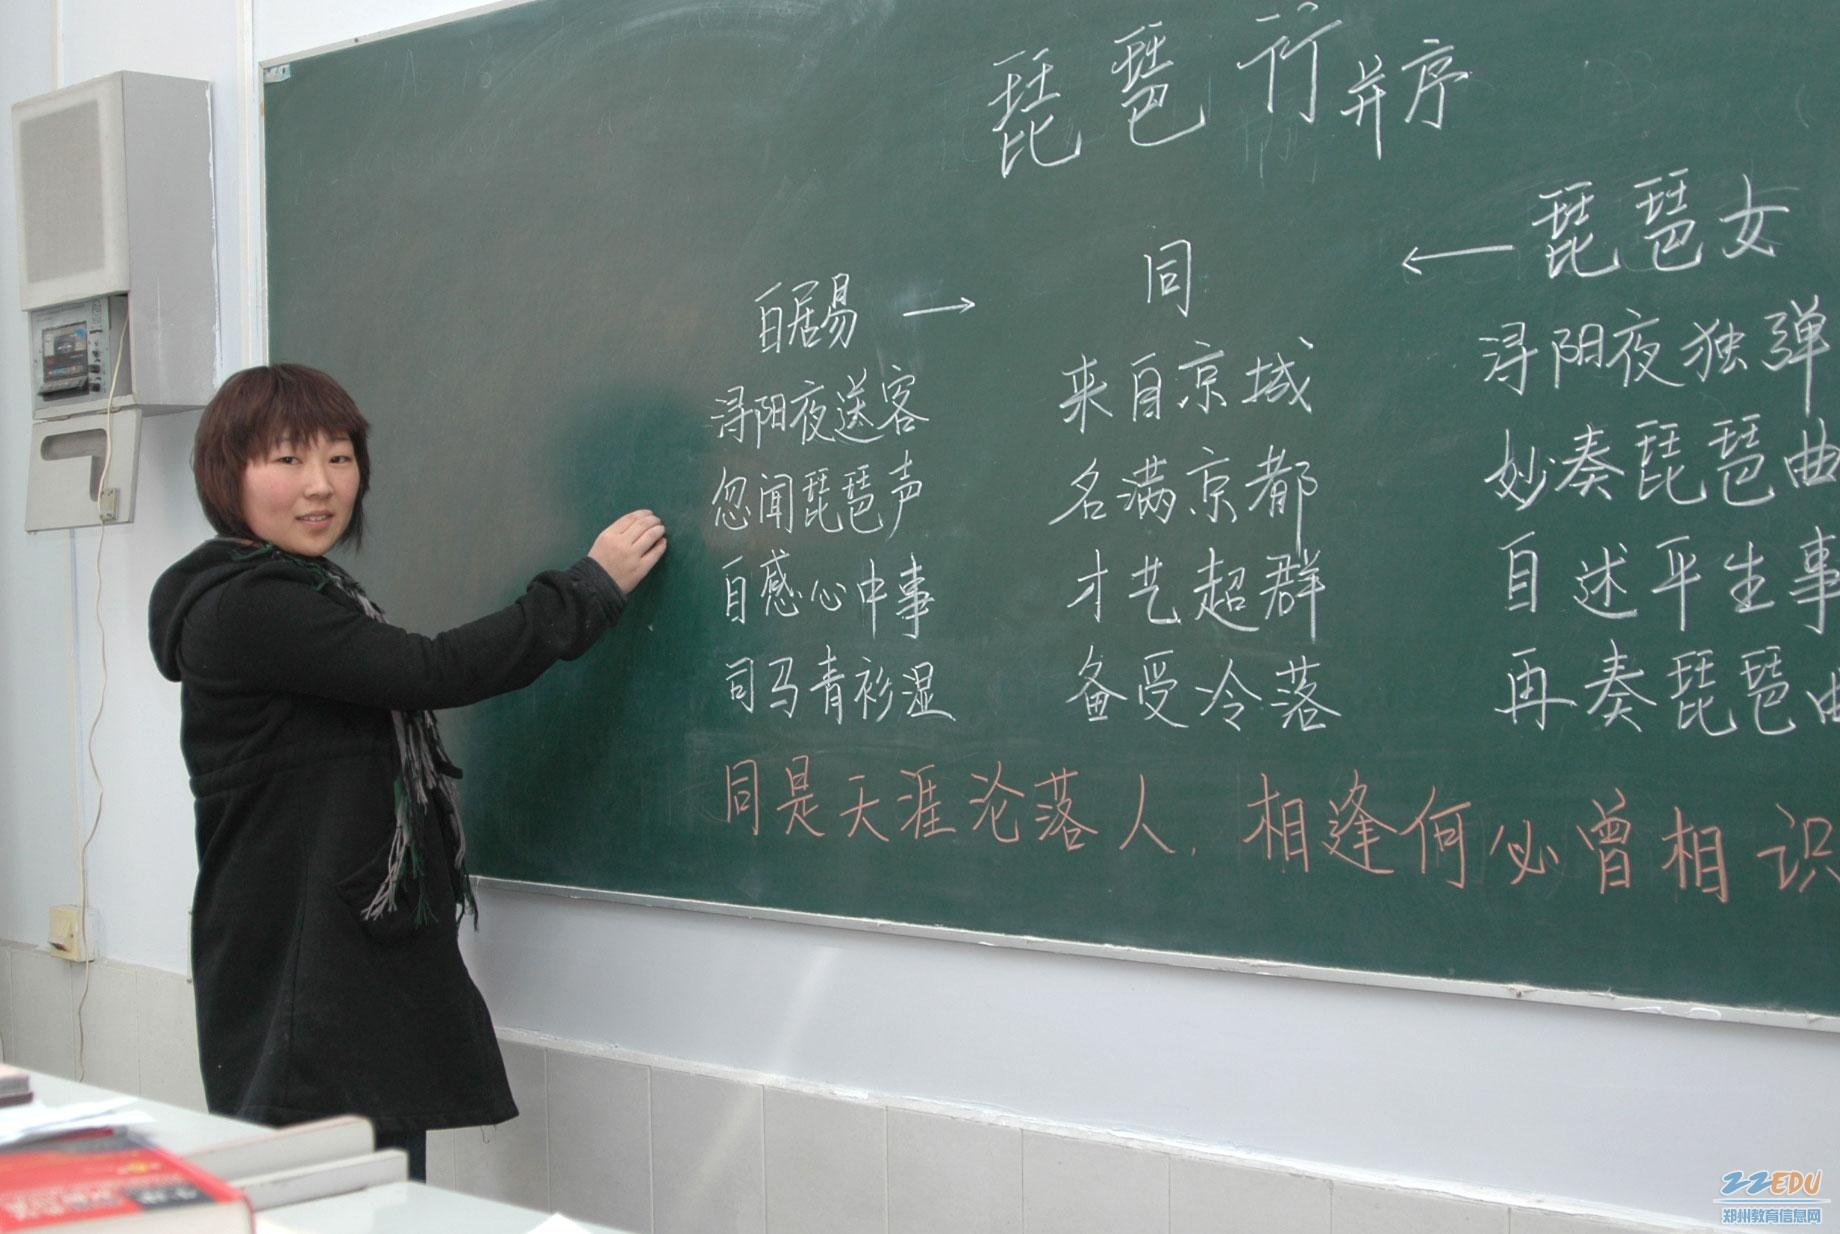 郑州新闻网_[外语学校] 板书设计大赛促进青年教师成长--郑州教育信息网